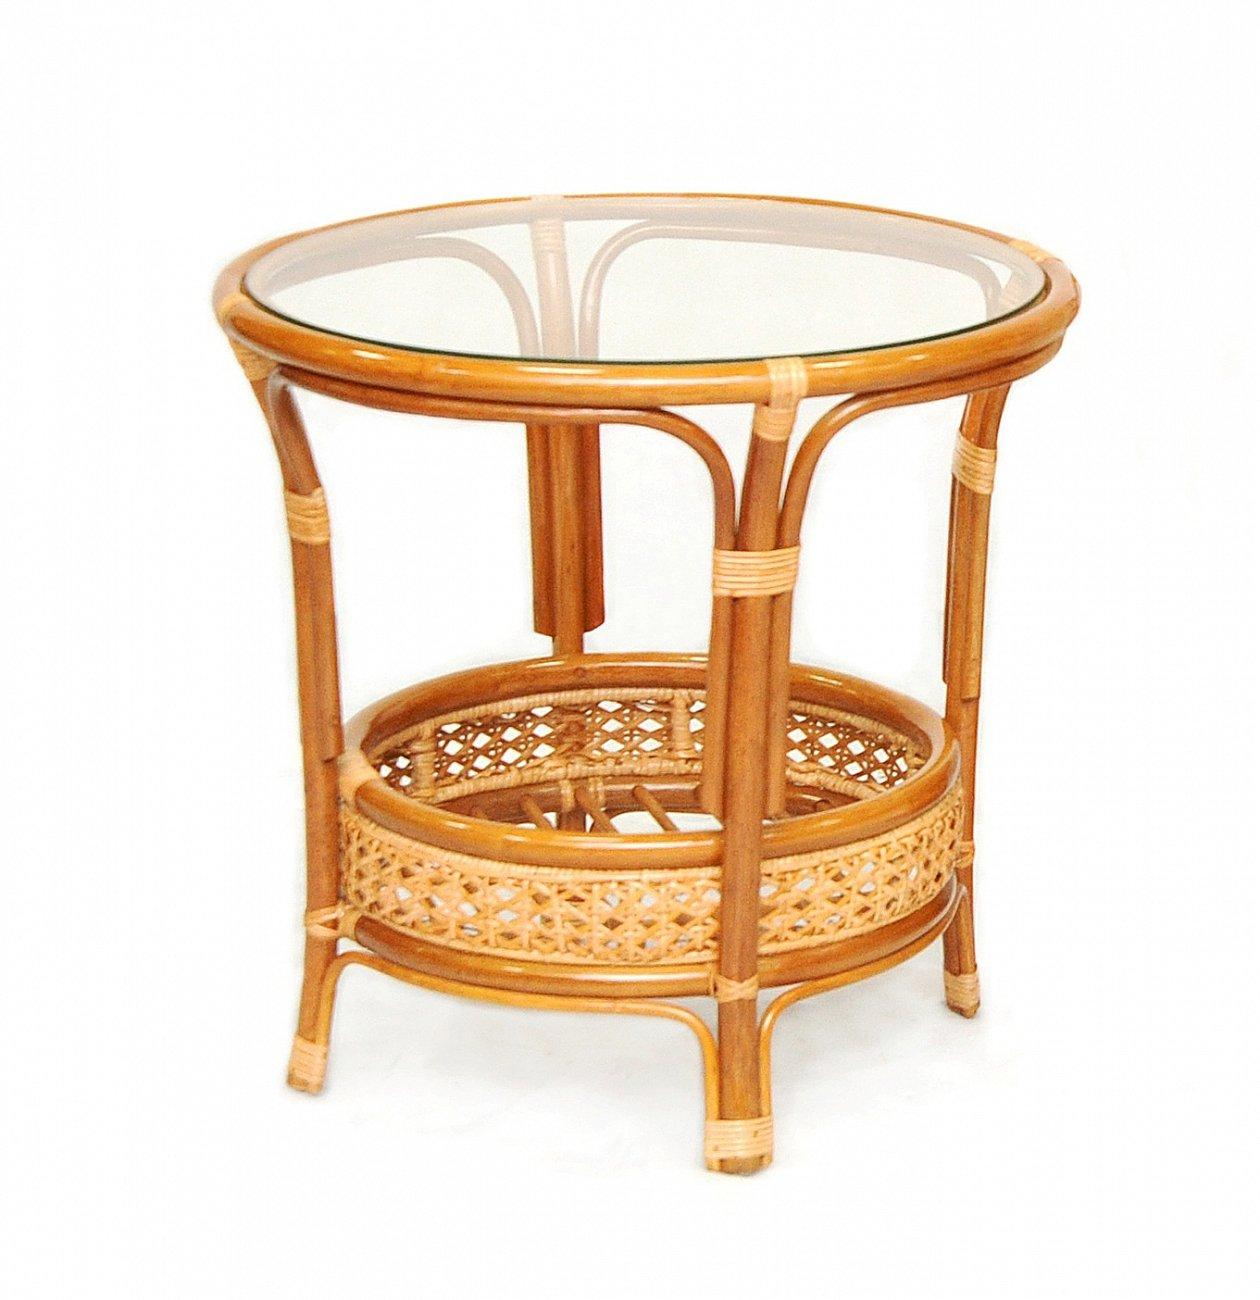 Купить Стол обеденный For You в интернет магазине дизайнерской мебели и аксессуаров для дома и дачи